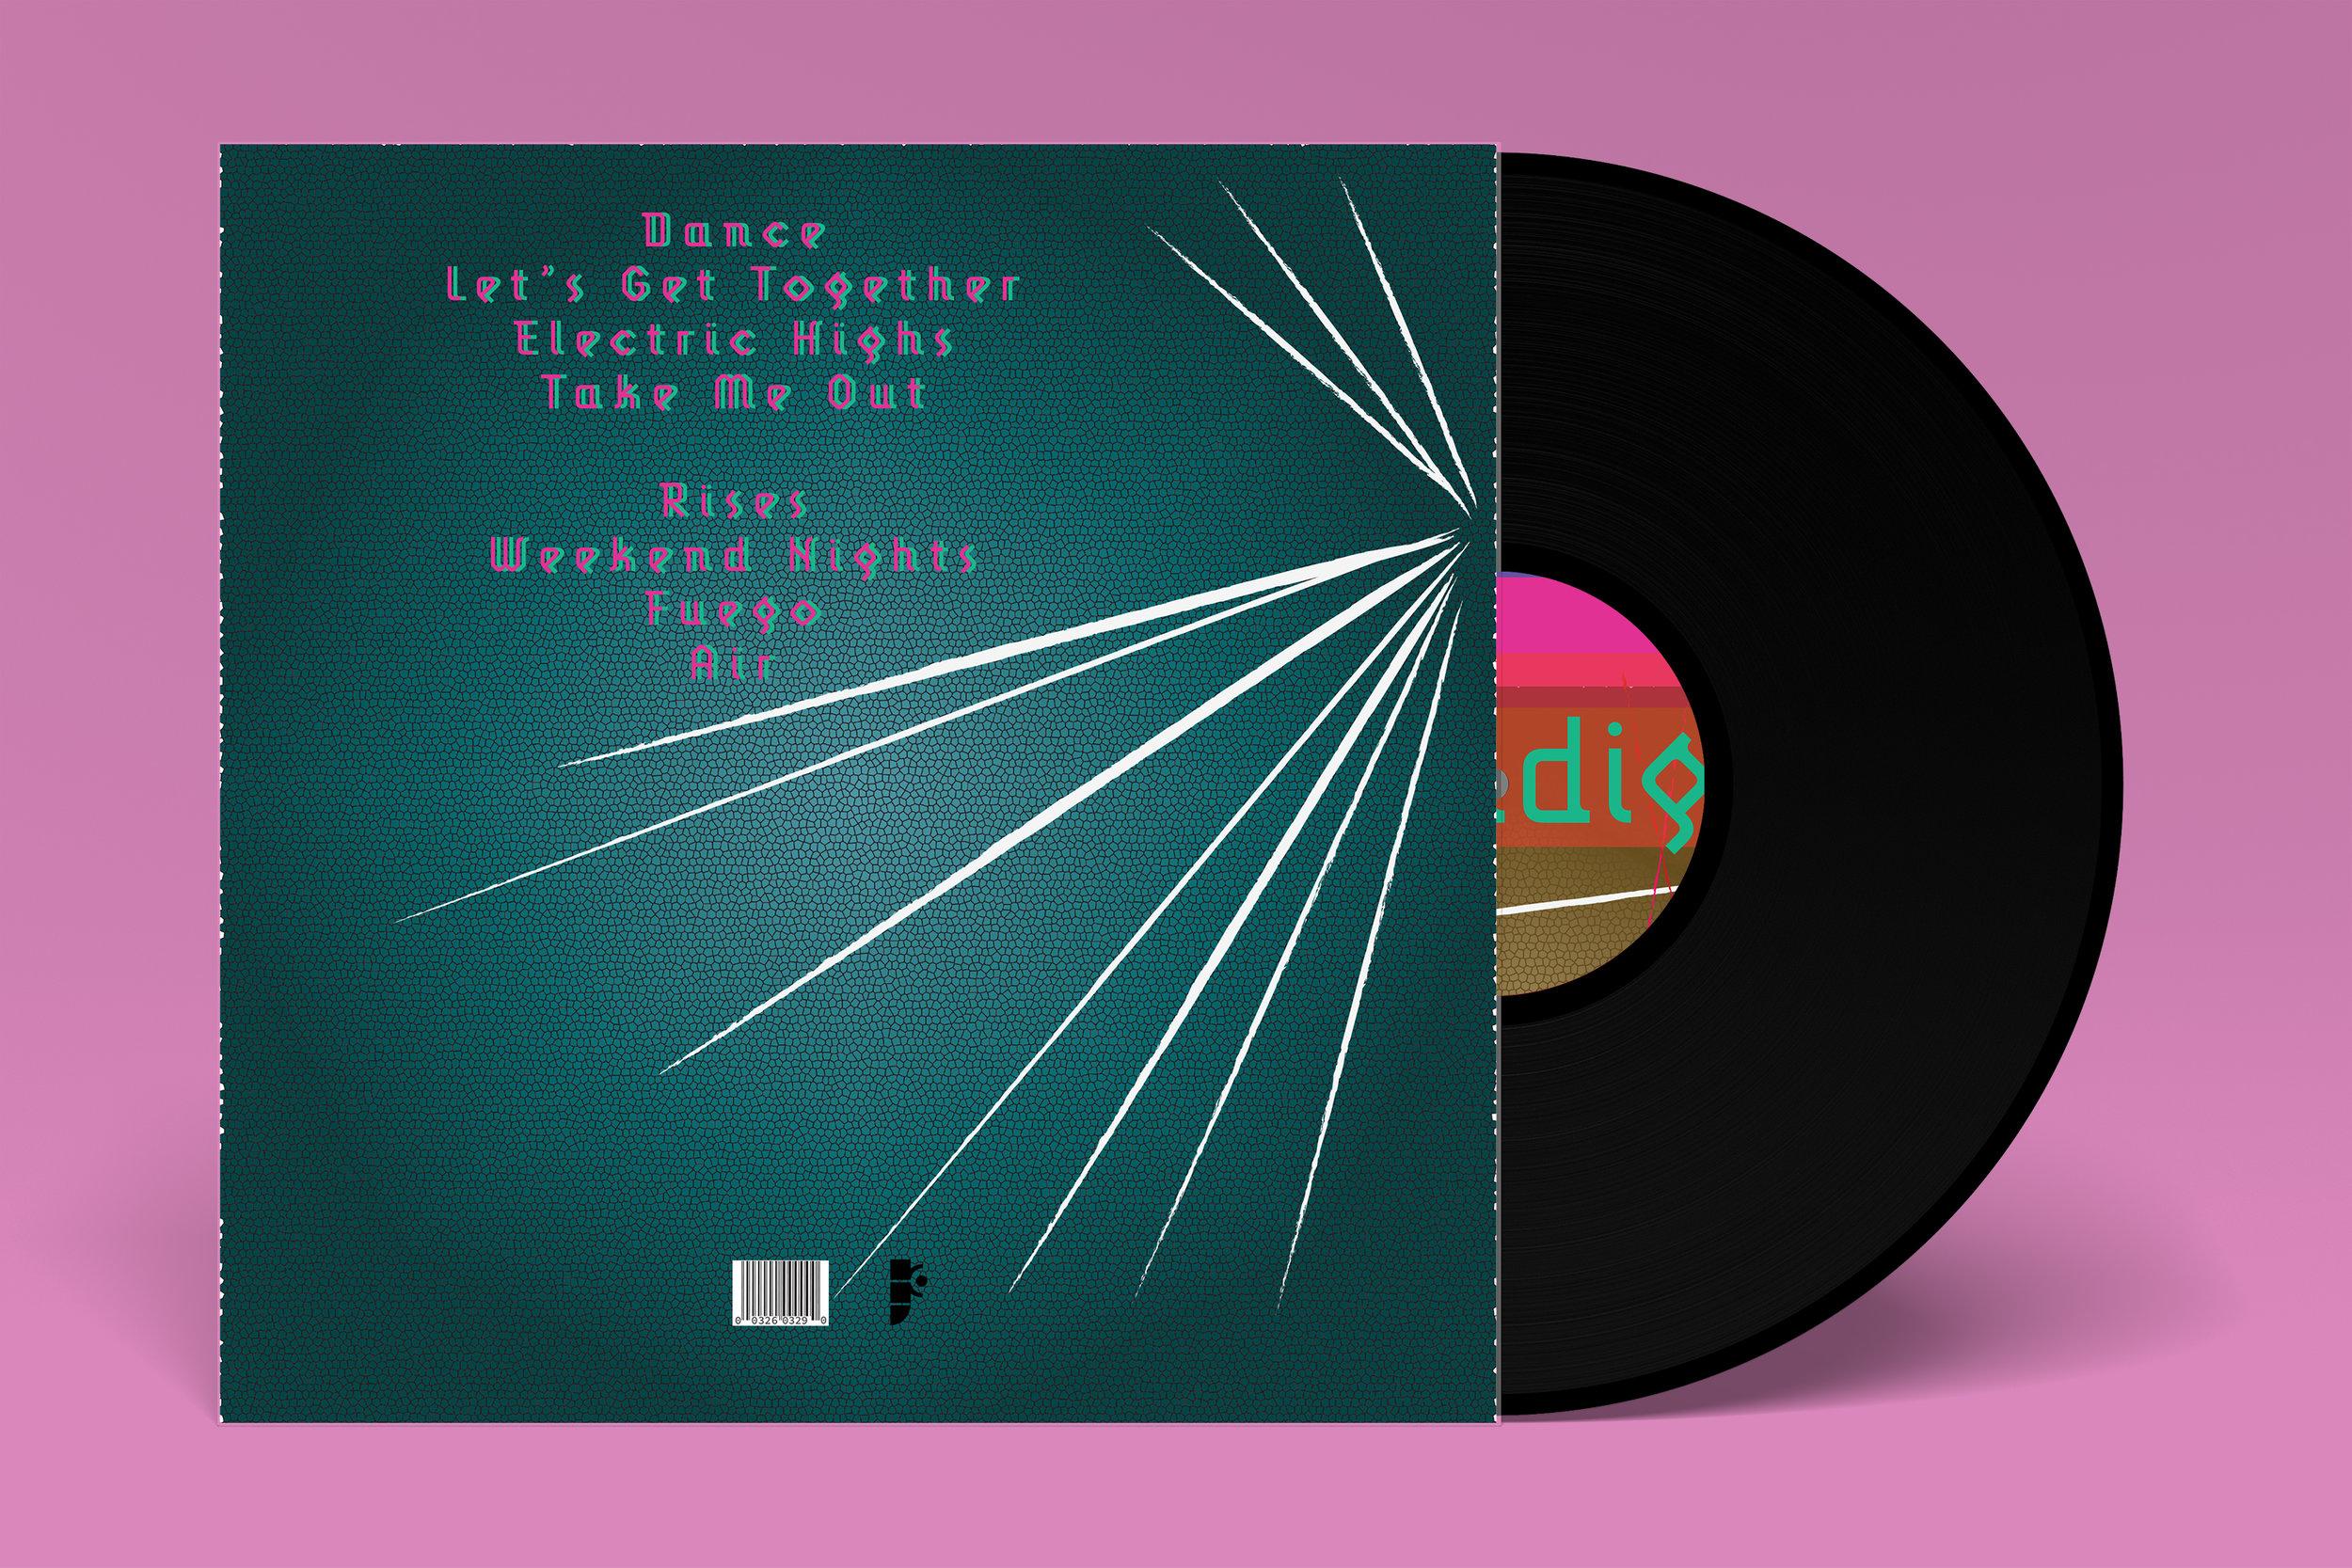 album_cover_10_back.jpg